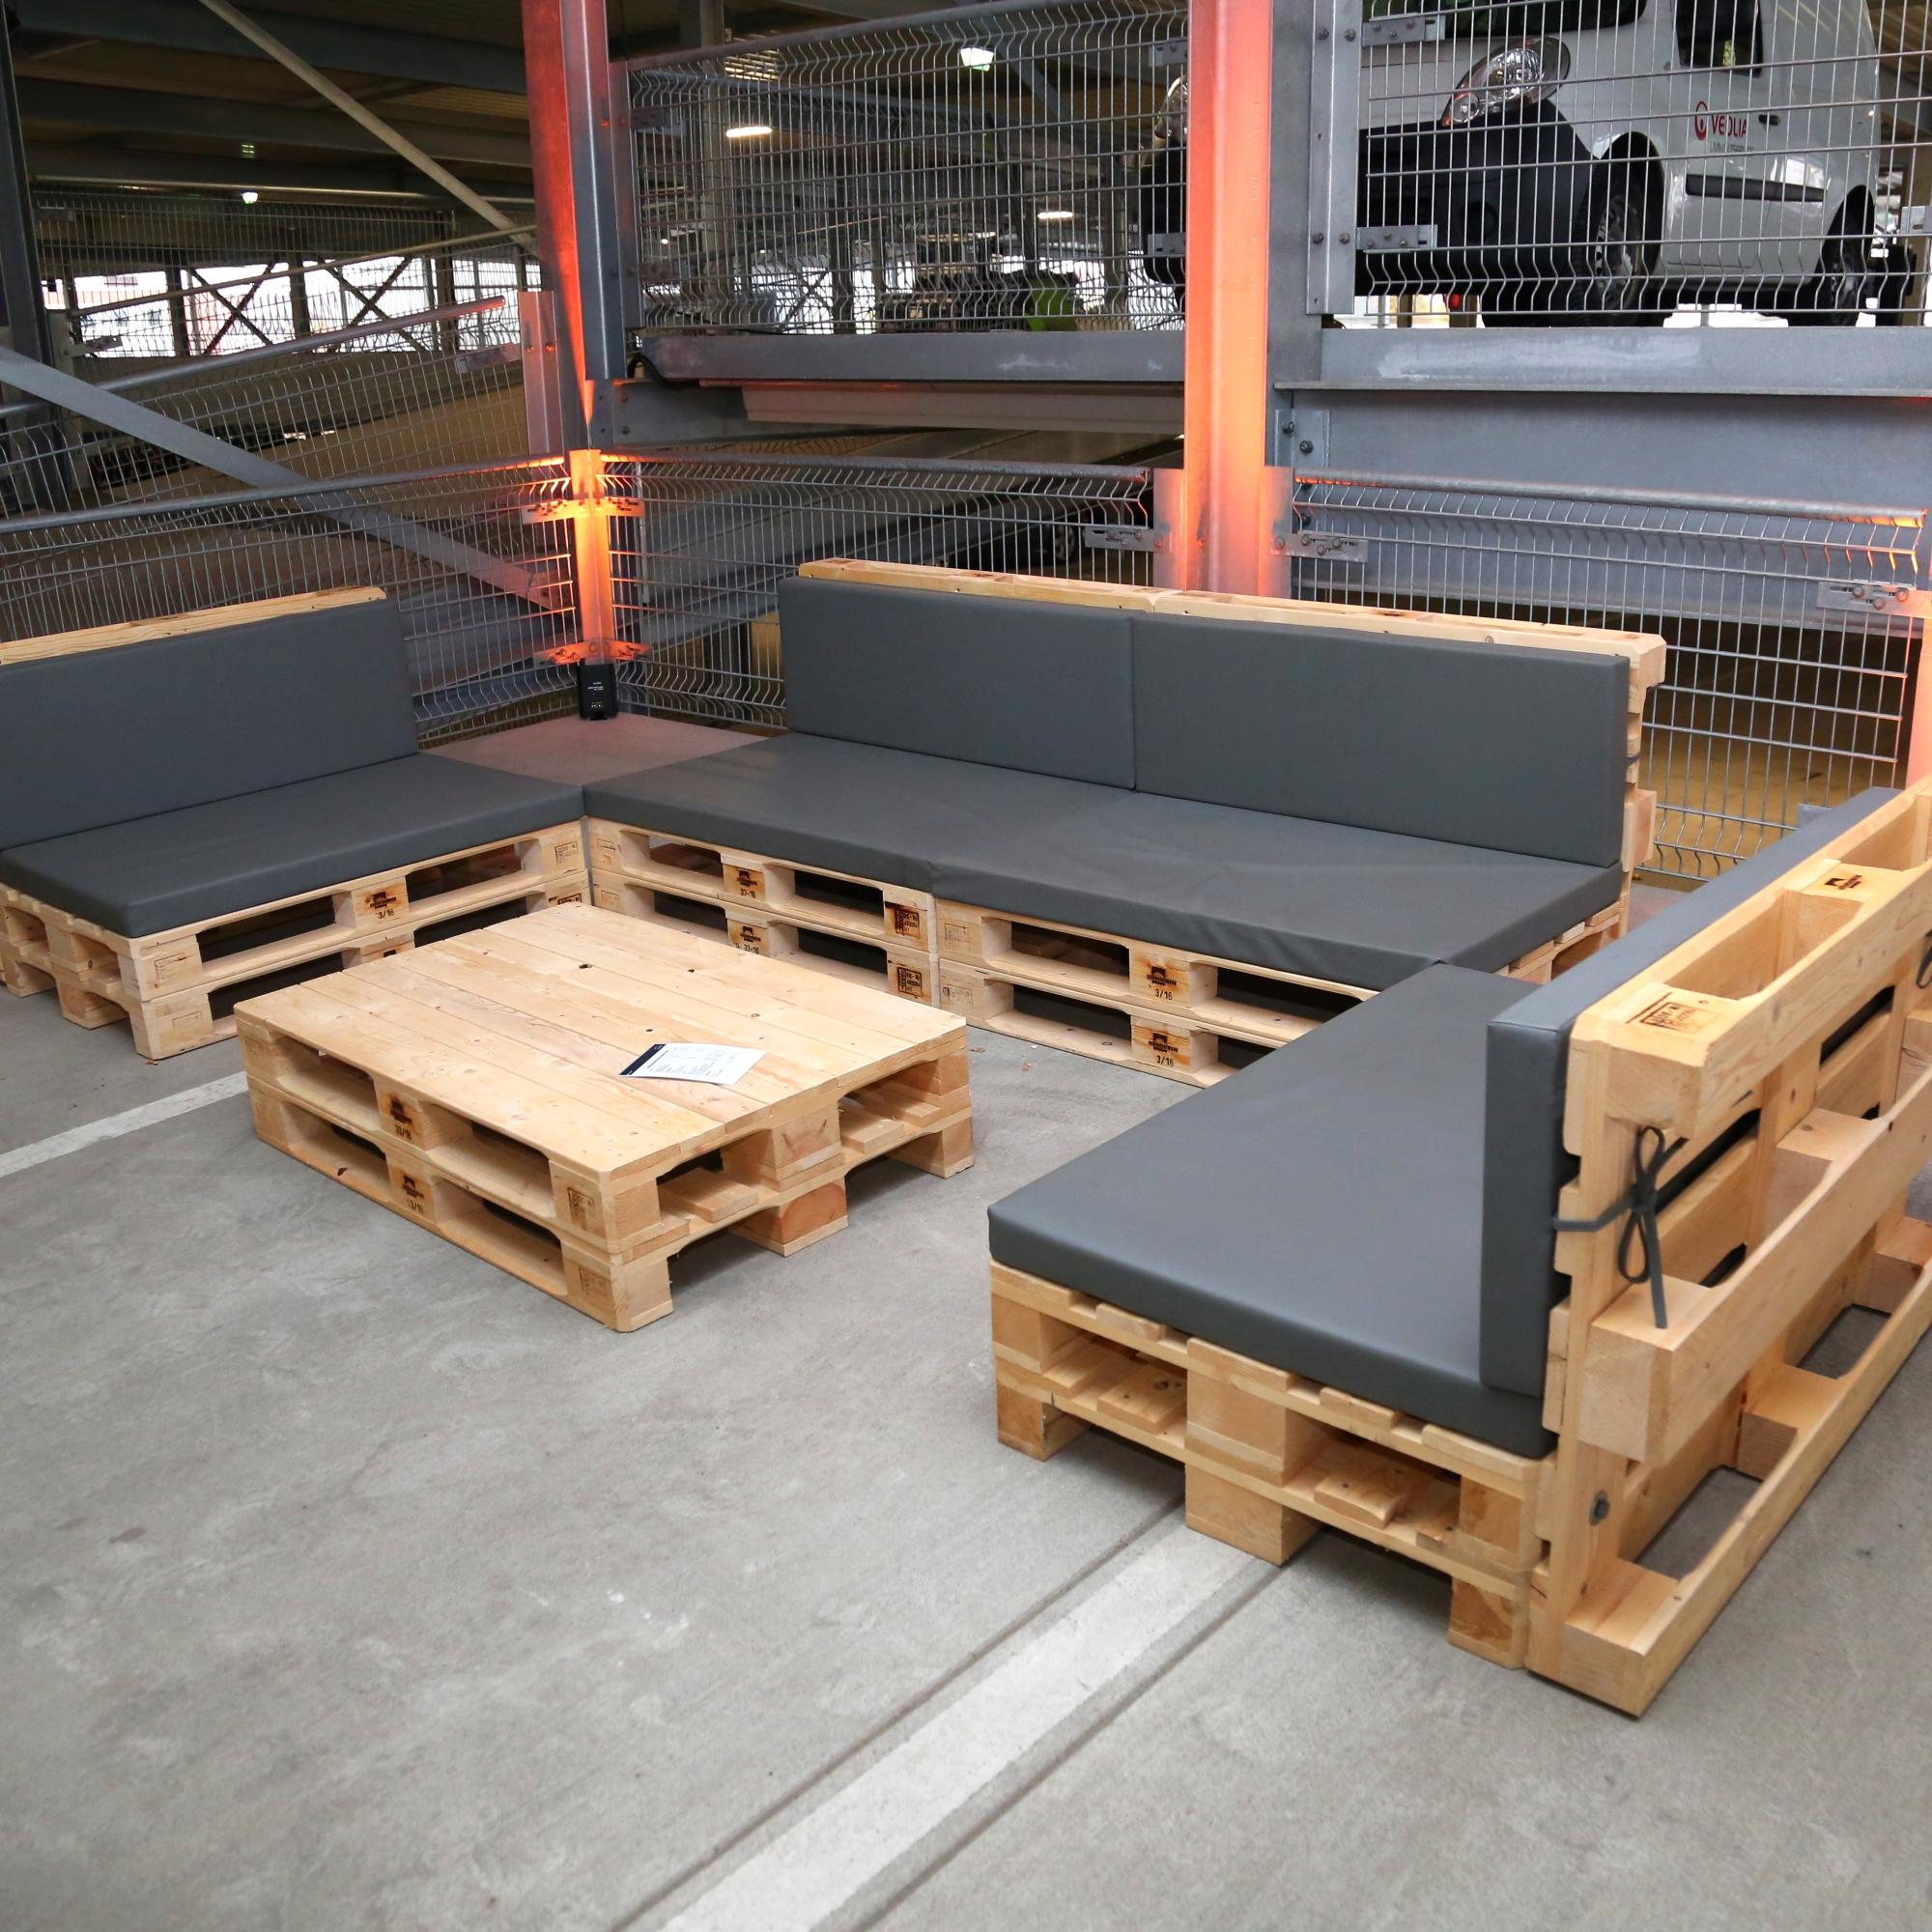 Loungemöbel und Sofas mieten - Palettenmöbel mieten bei SuperSack